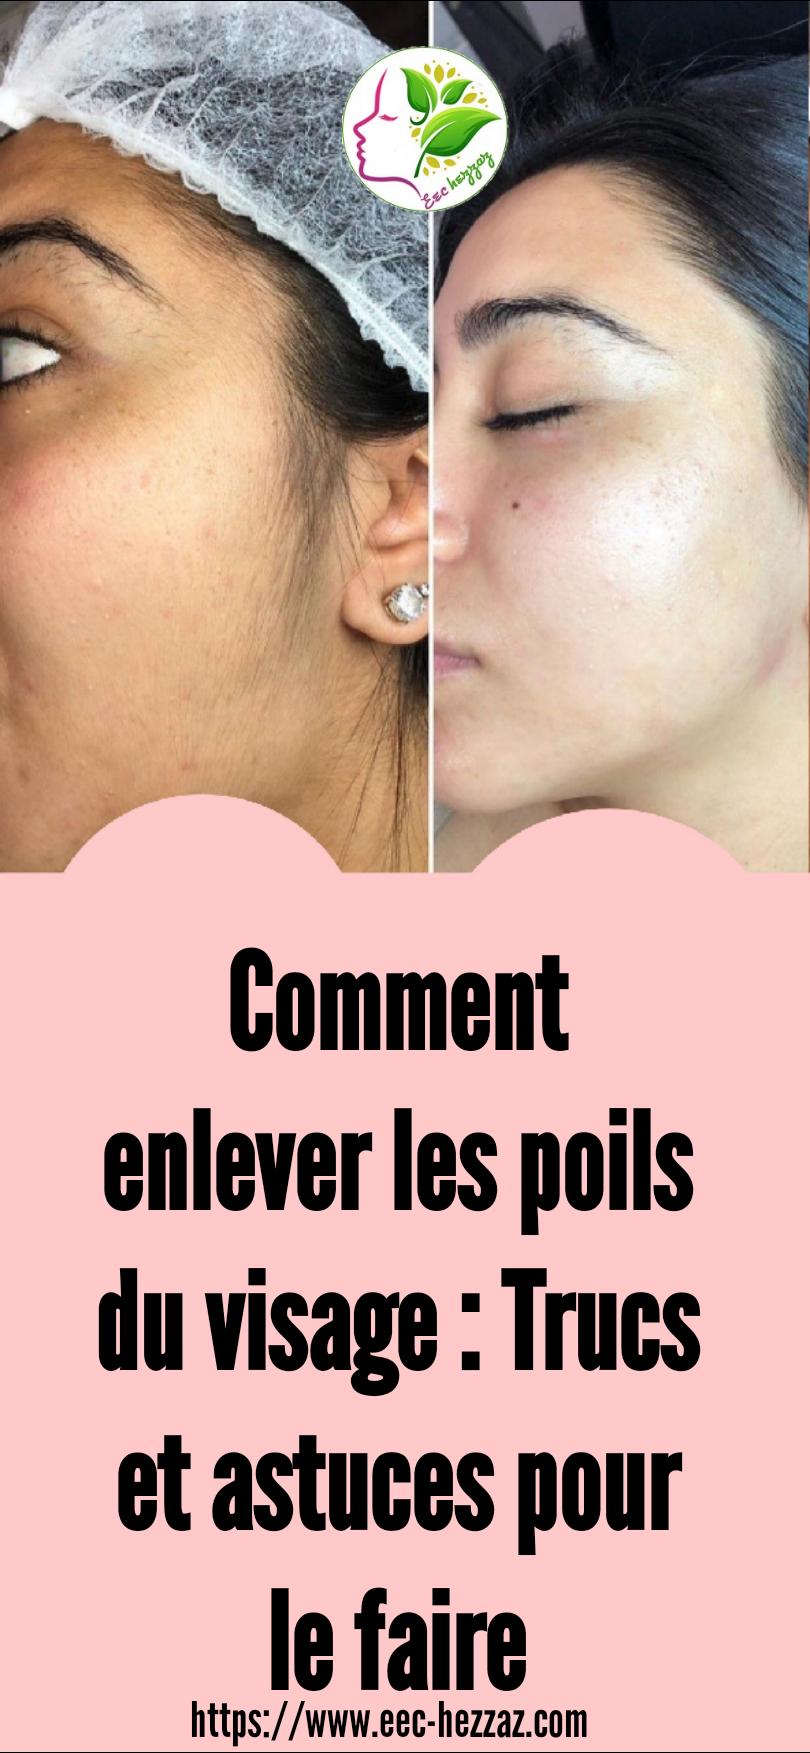 Comment enlever les poils du visage : Trucs et astuces pour le faire